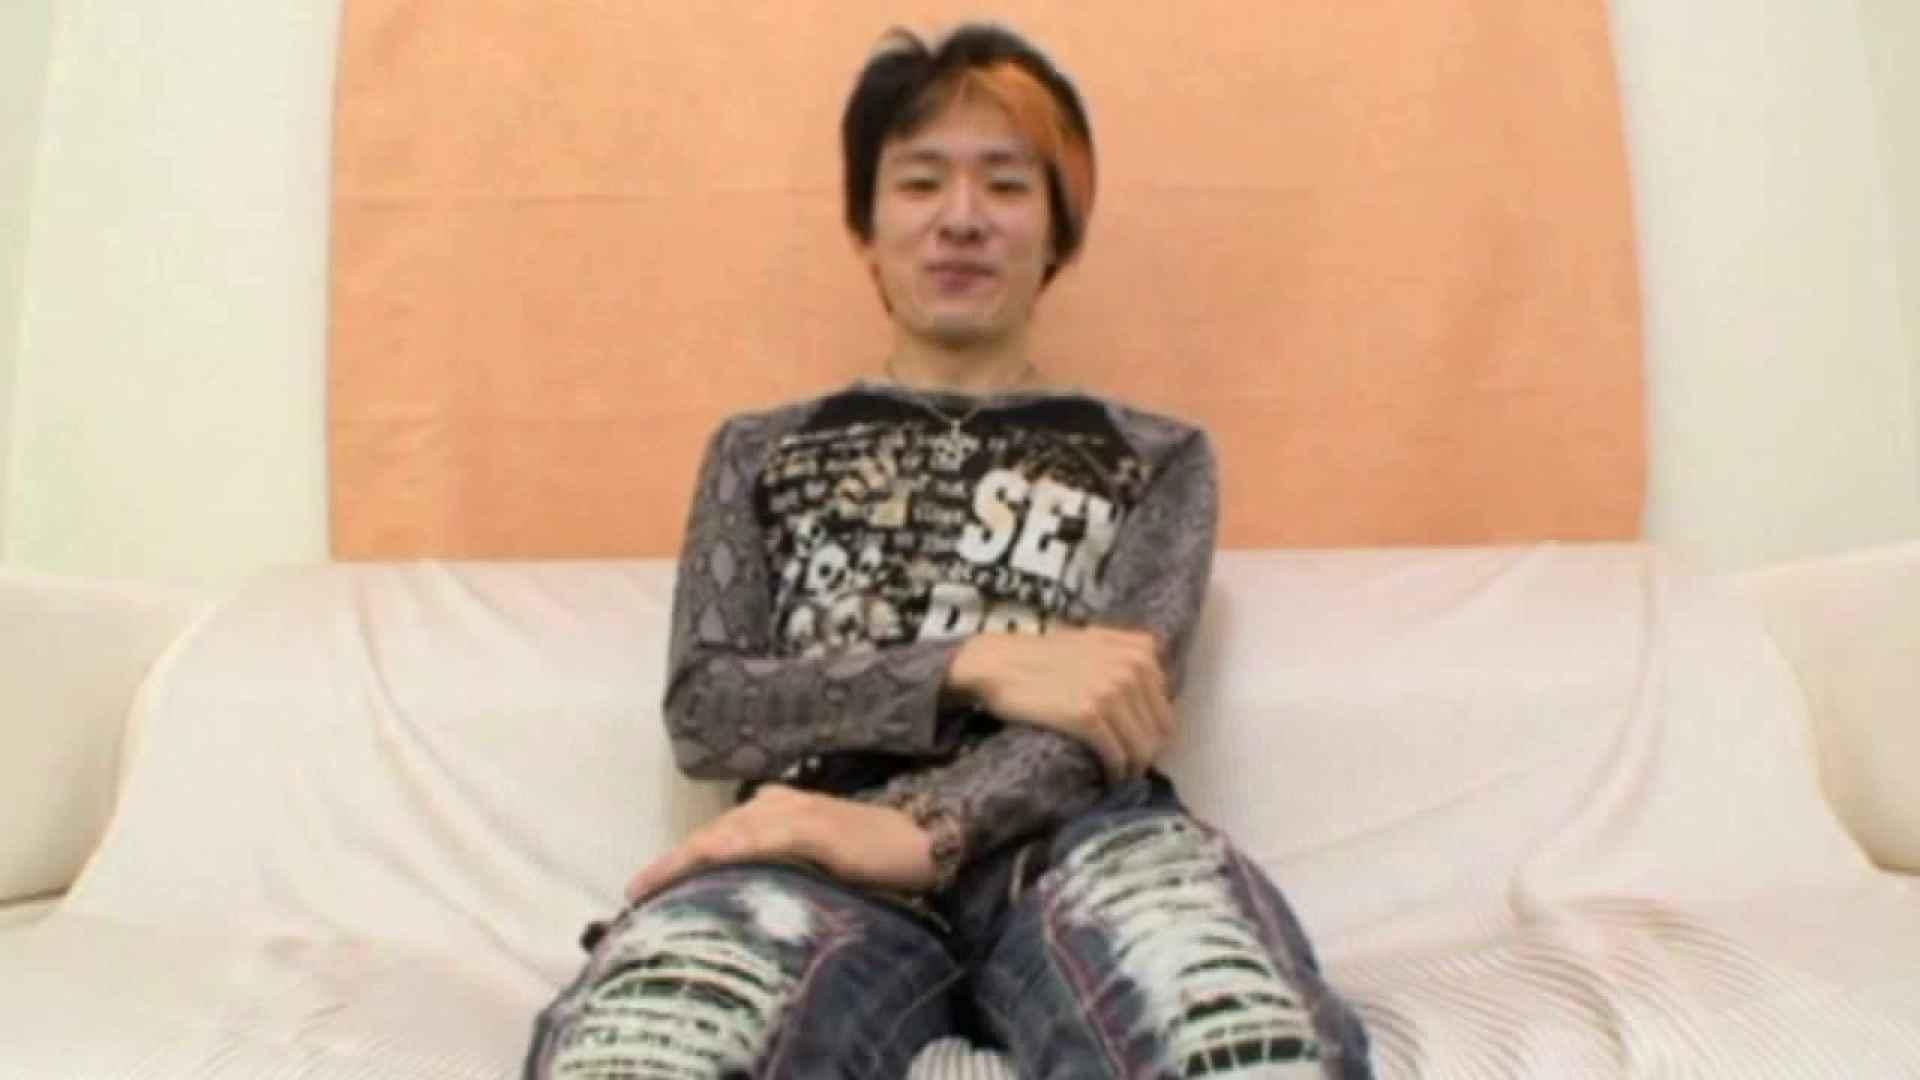 ノンケ!自慰スタジオ No.12 オナニー | ゲイの自慰 アダルトビデオ画像キャプチャ 102pic 66